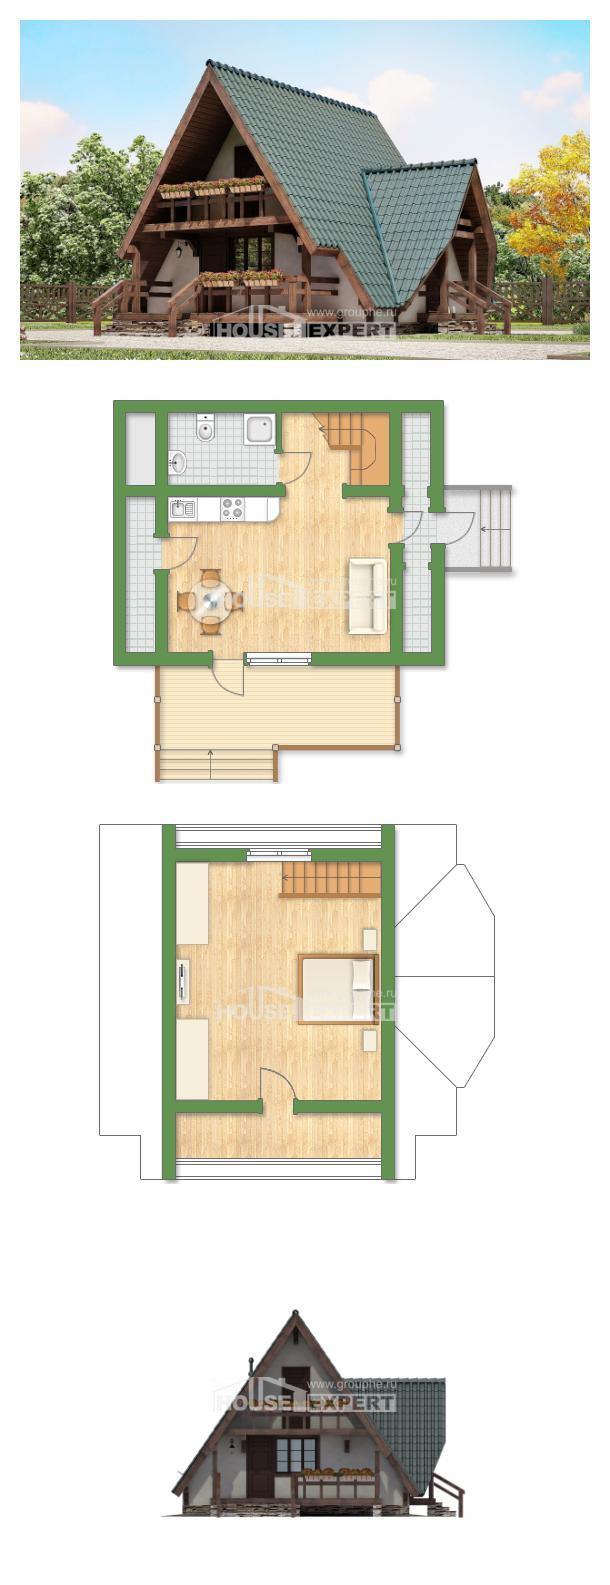 Plan 070-003-R | House Expert